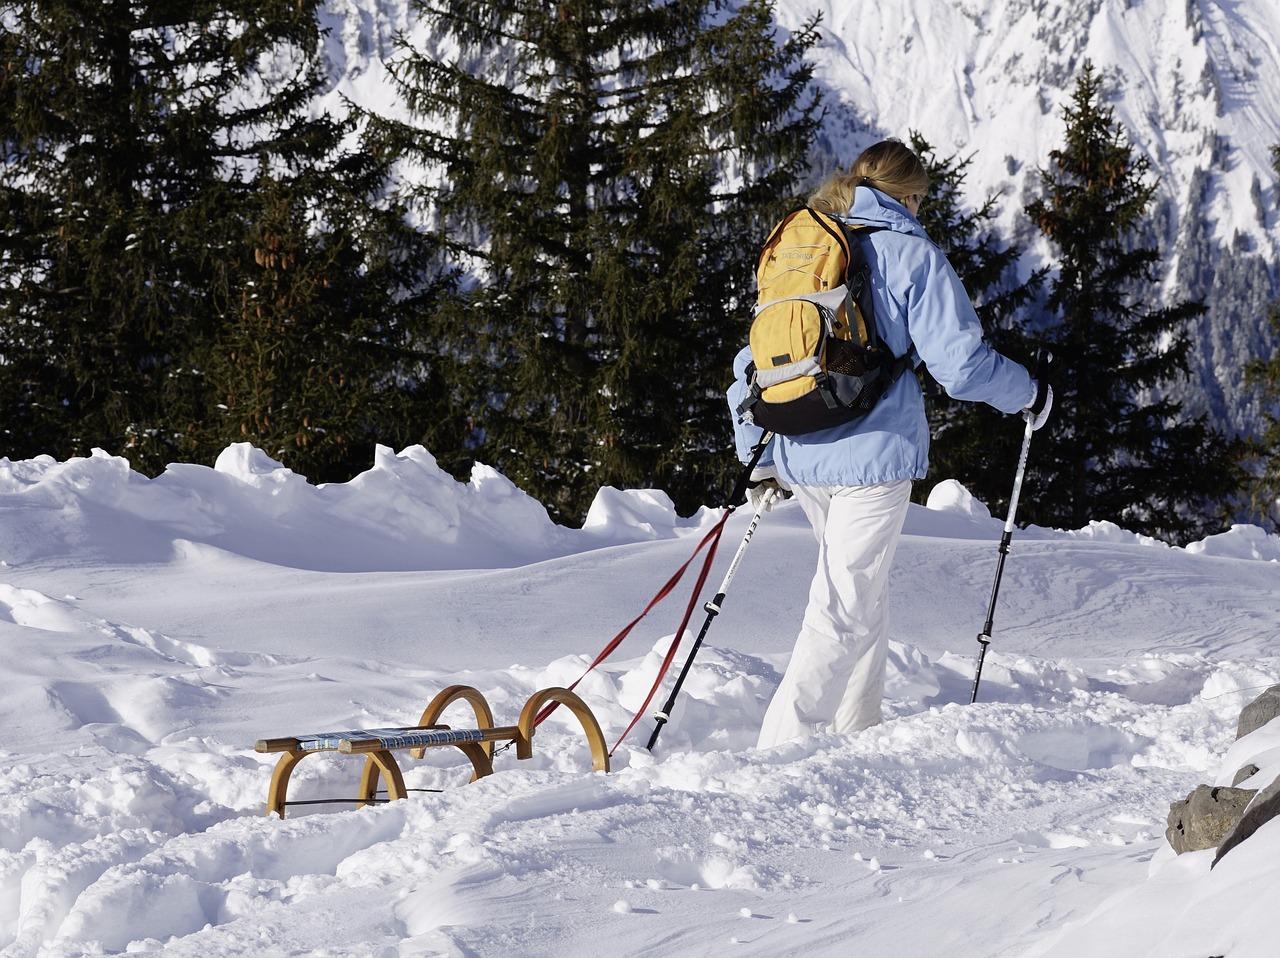 Výhody chození po horách s holemi